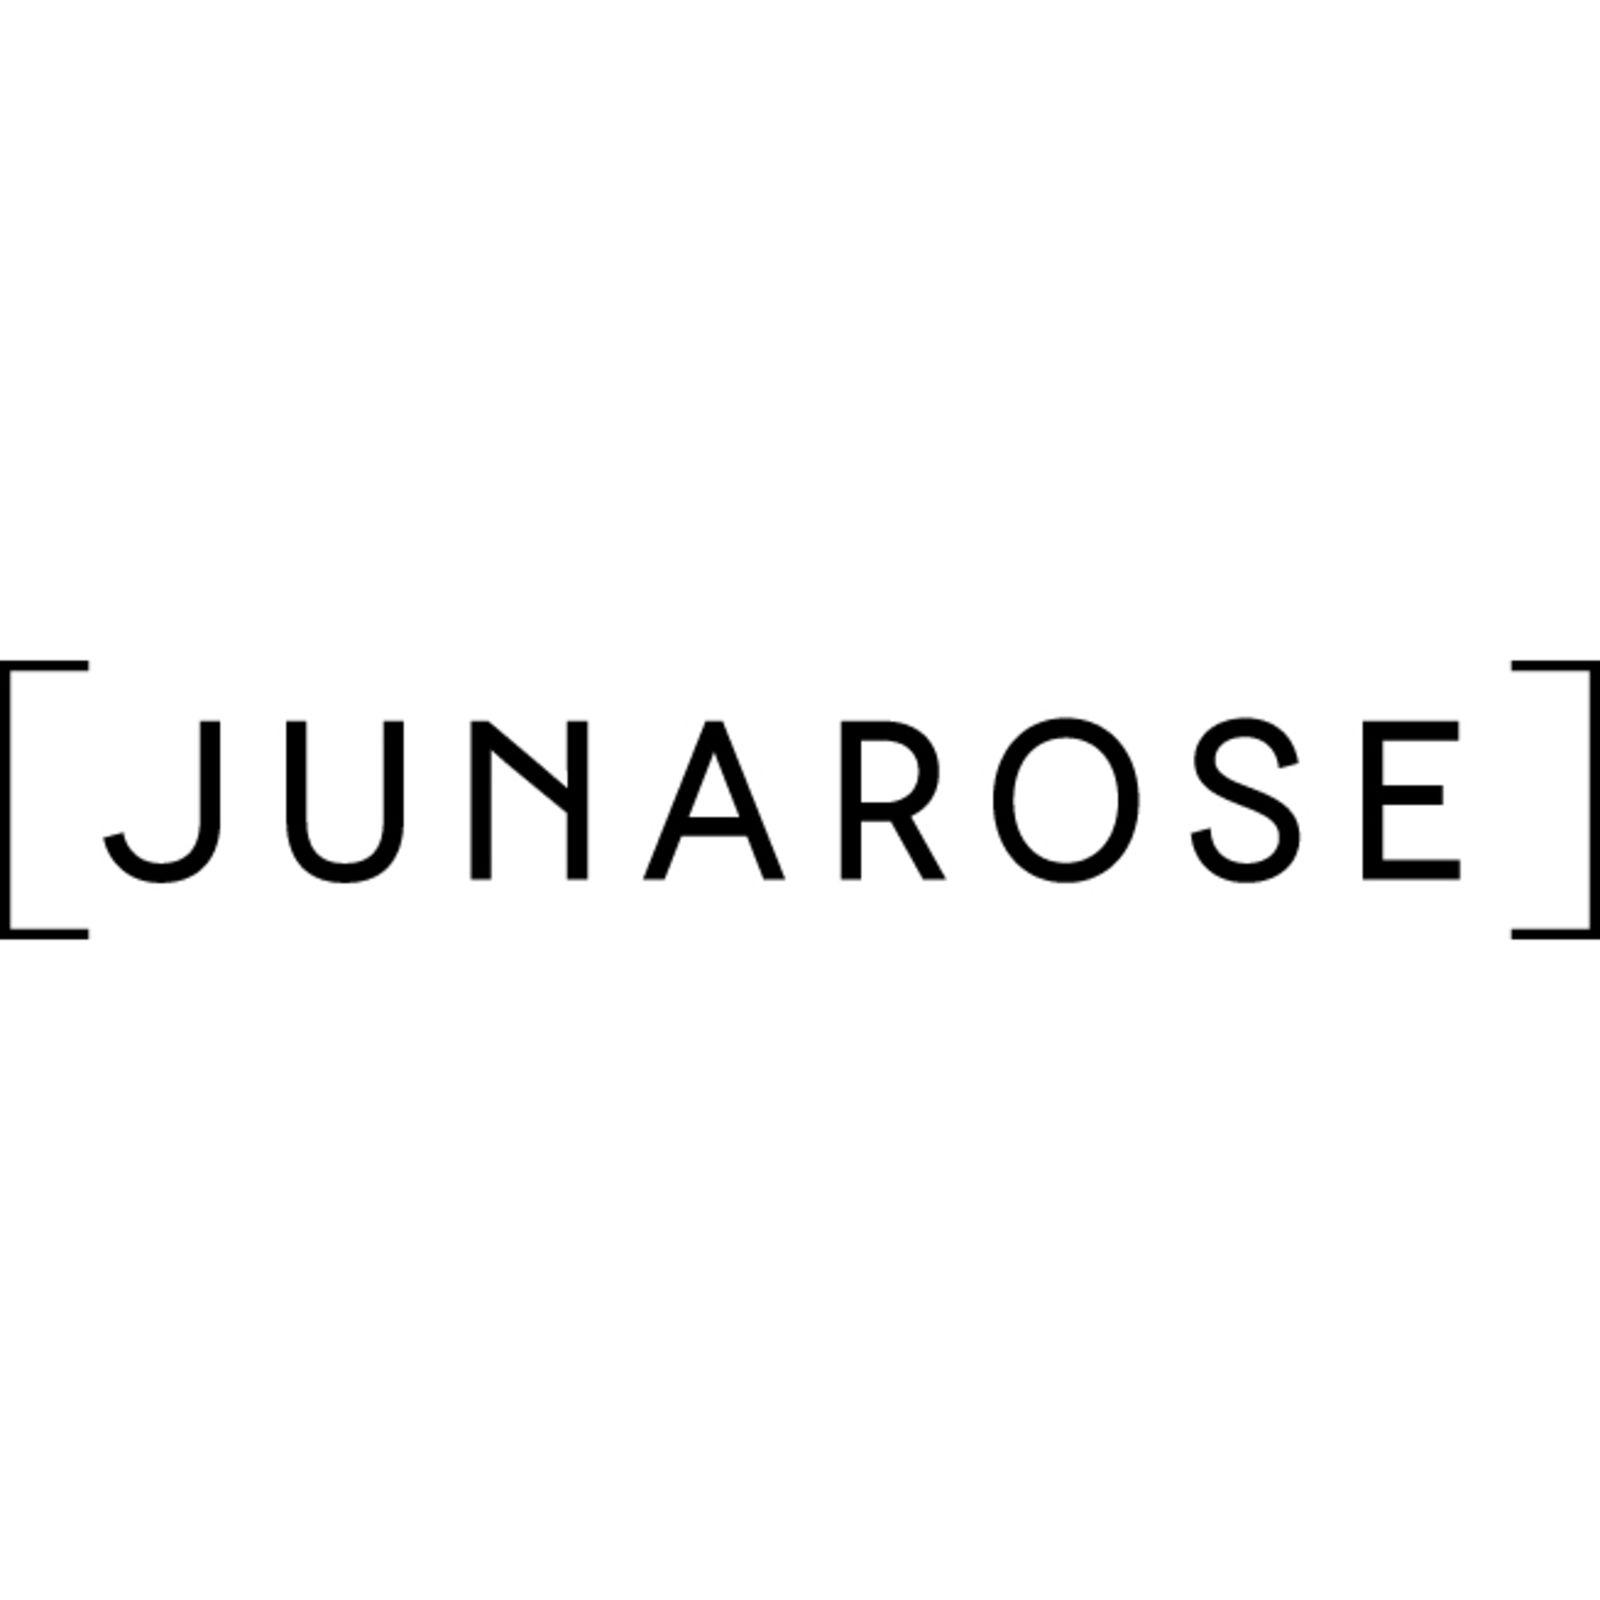 JUNAROSE (Image 1)